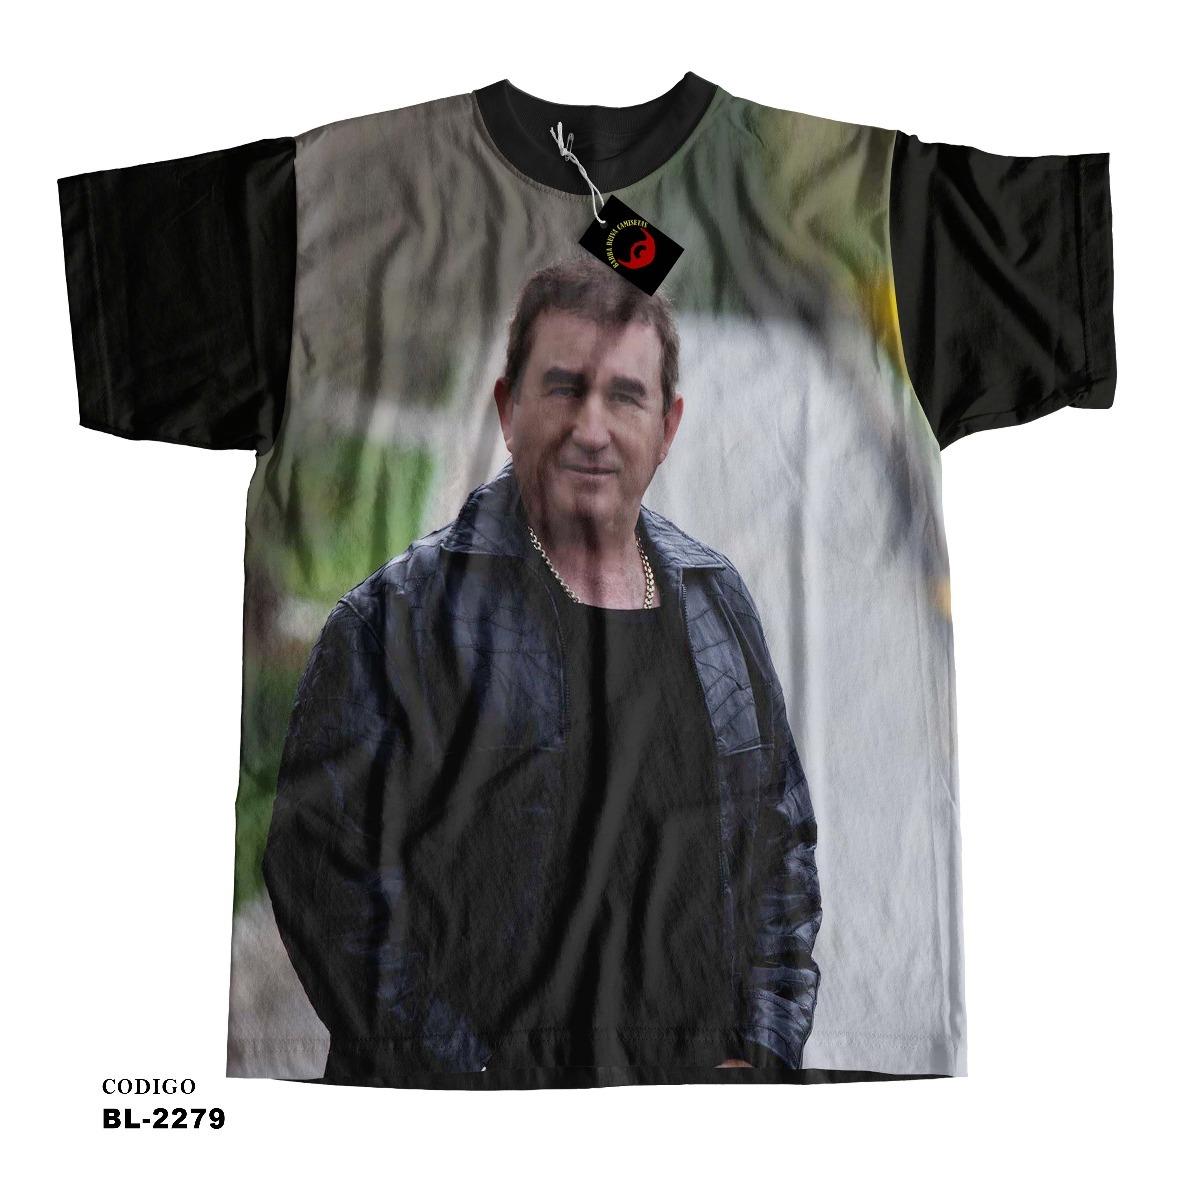 9c6966a82 Camiseta Unissex Amado Batista - R  58